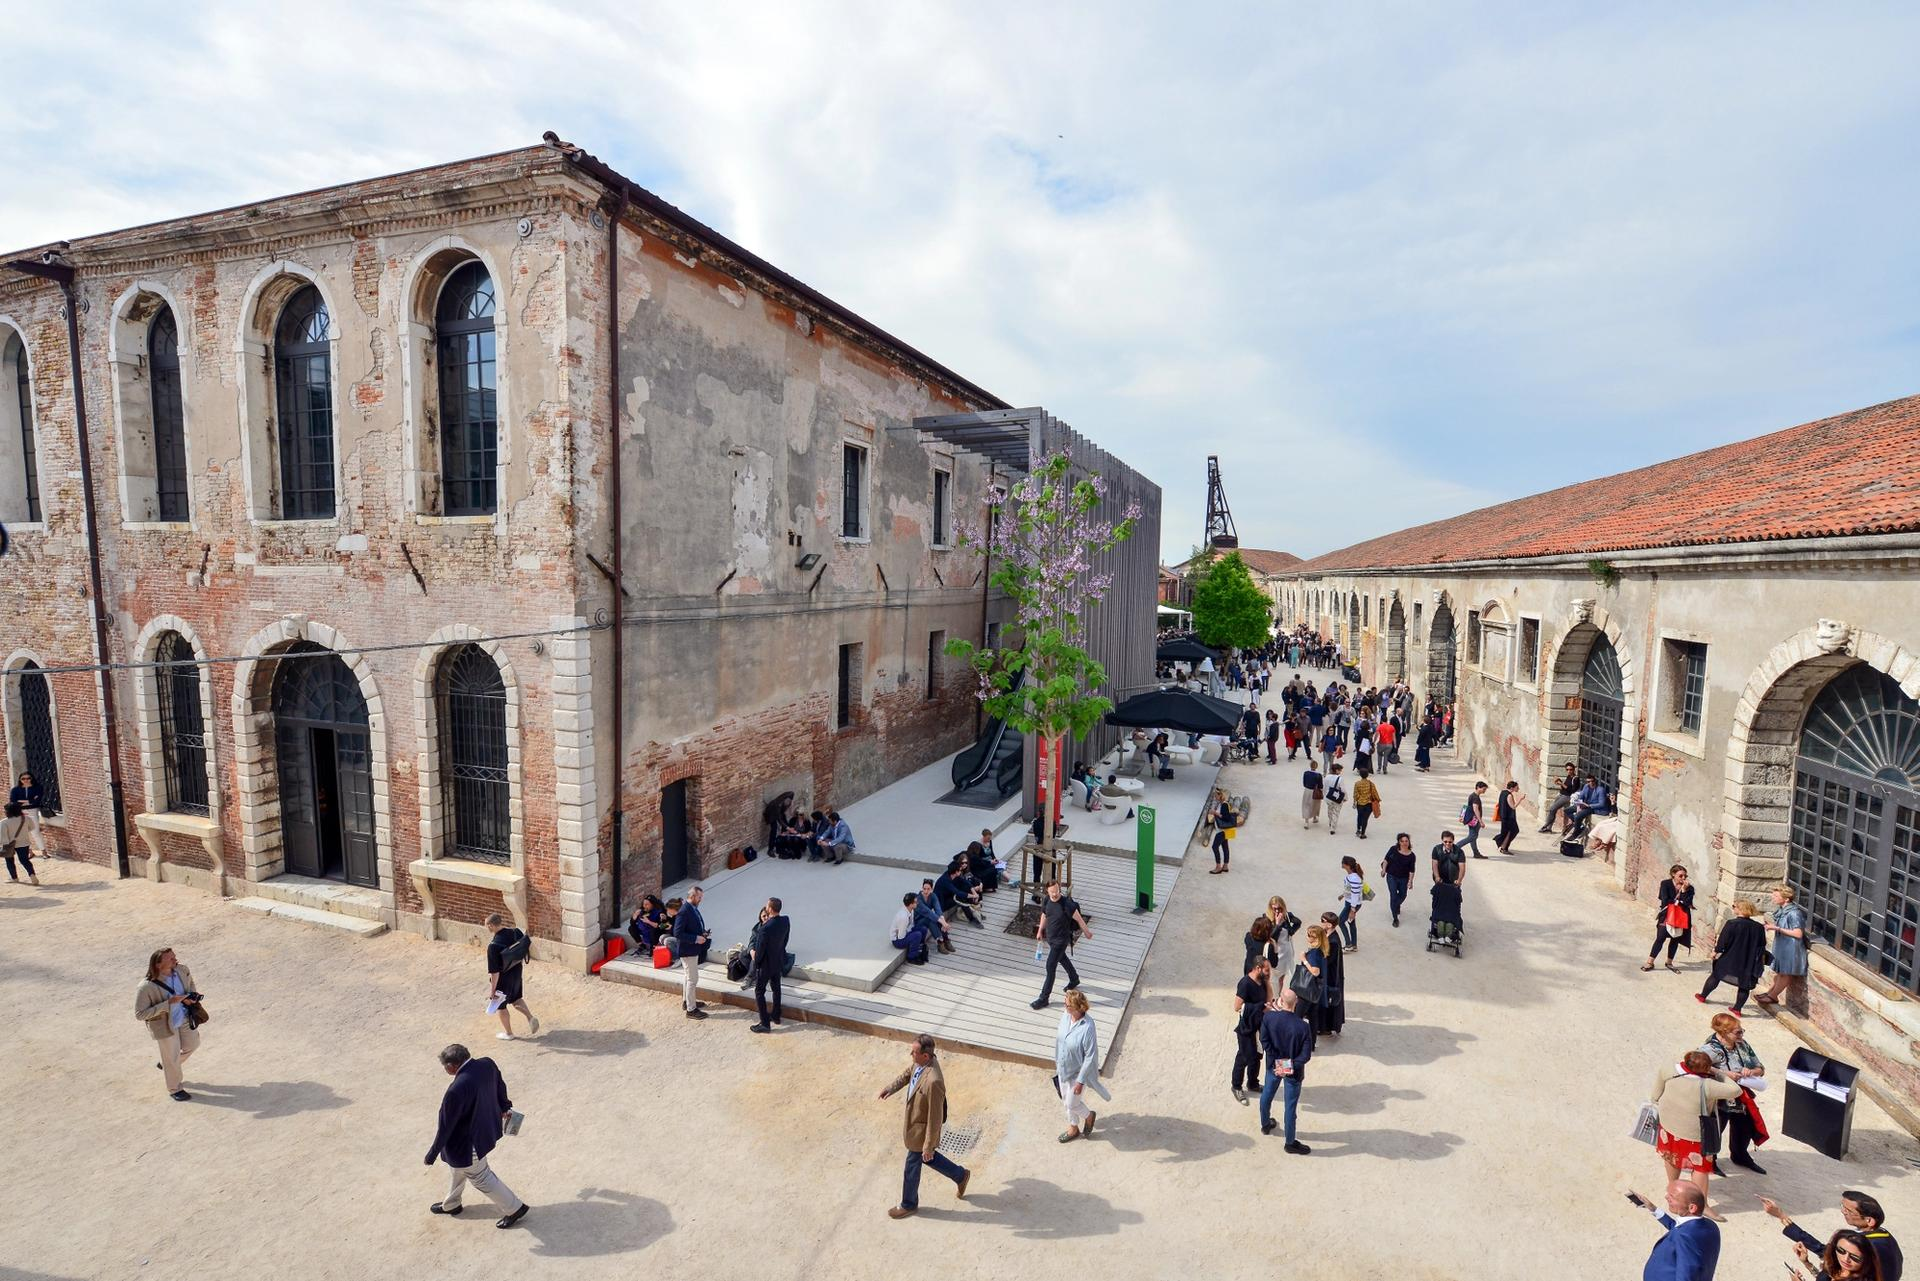 The Arsenale venue in Venice Photo: Andrea Avezzù. Courtesy La Biennale di Venezia